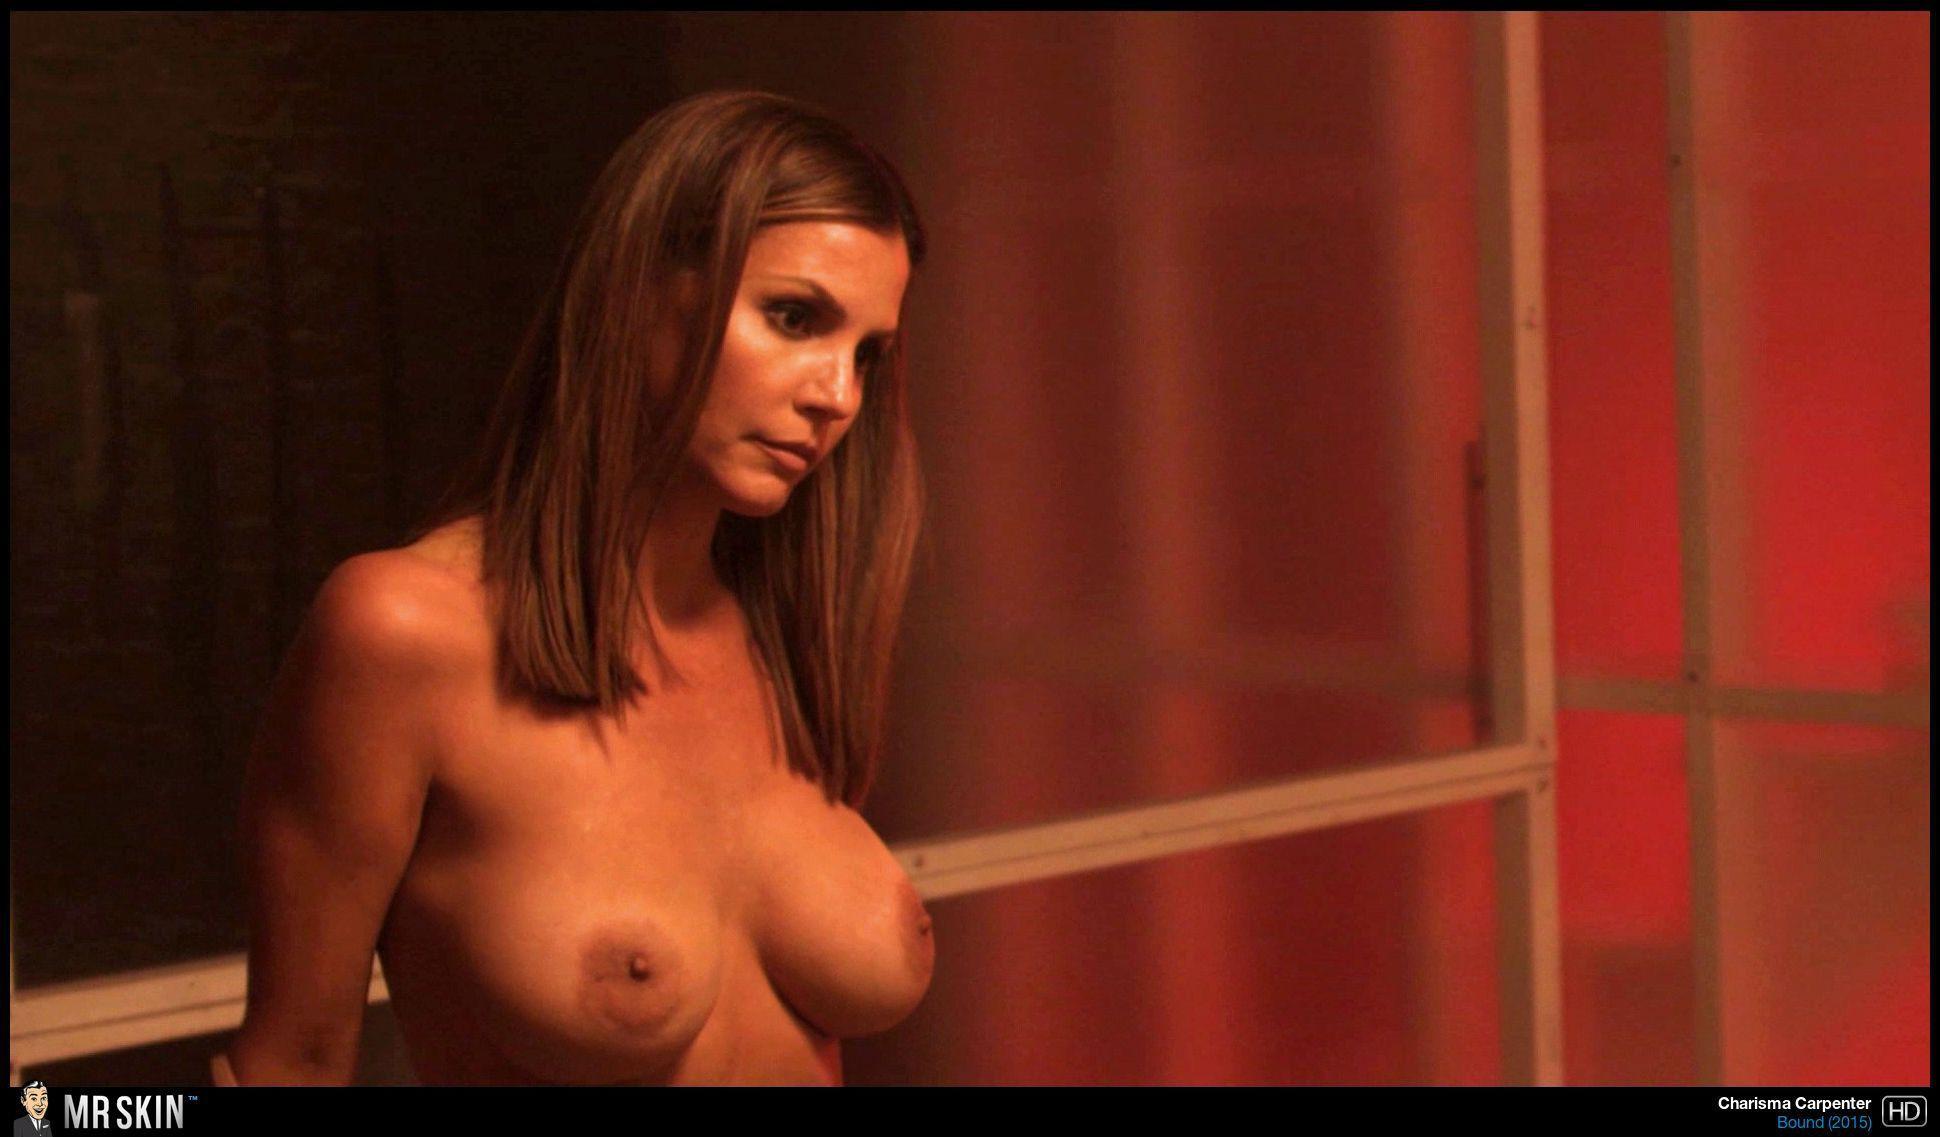 Hot desi mature nude